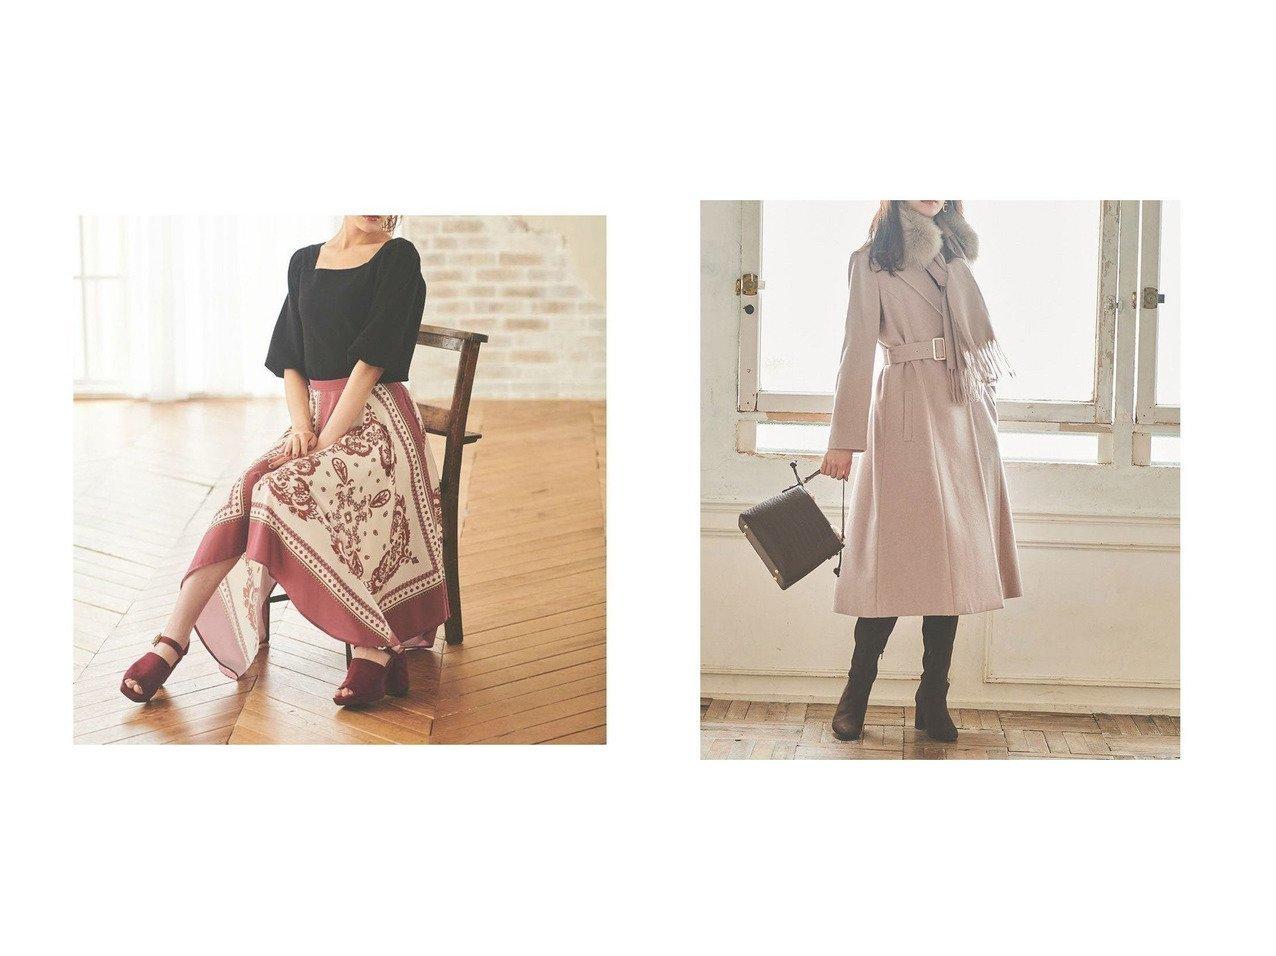 【31 Sons de mode/トランテアン ソン ドゥ モード】の【スカート】スカーフ柄プリントスカート&【コート】ファーストール付きチェスターコート スカートのおすすめ!人気、レディースファッションの通販 おすすめで人気のファッション通販商品 インテリア・家具・キッズファッション・メンズファッション・レディースファッション・服の通販 founy(ファニー) https://founy.com/ ファッション Fashion レディース WOMEN スカート Skirt アウター Coat Outerwear コート Coats チェスターコート Top Coat イレギュラーヘム エレガント コンビ スカーフ プリント 冬 Winter |ID:crp329100000001515